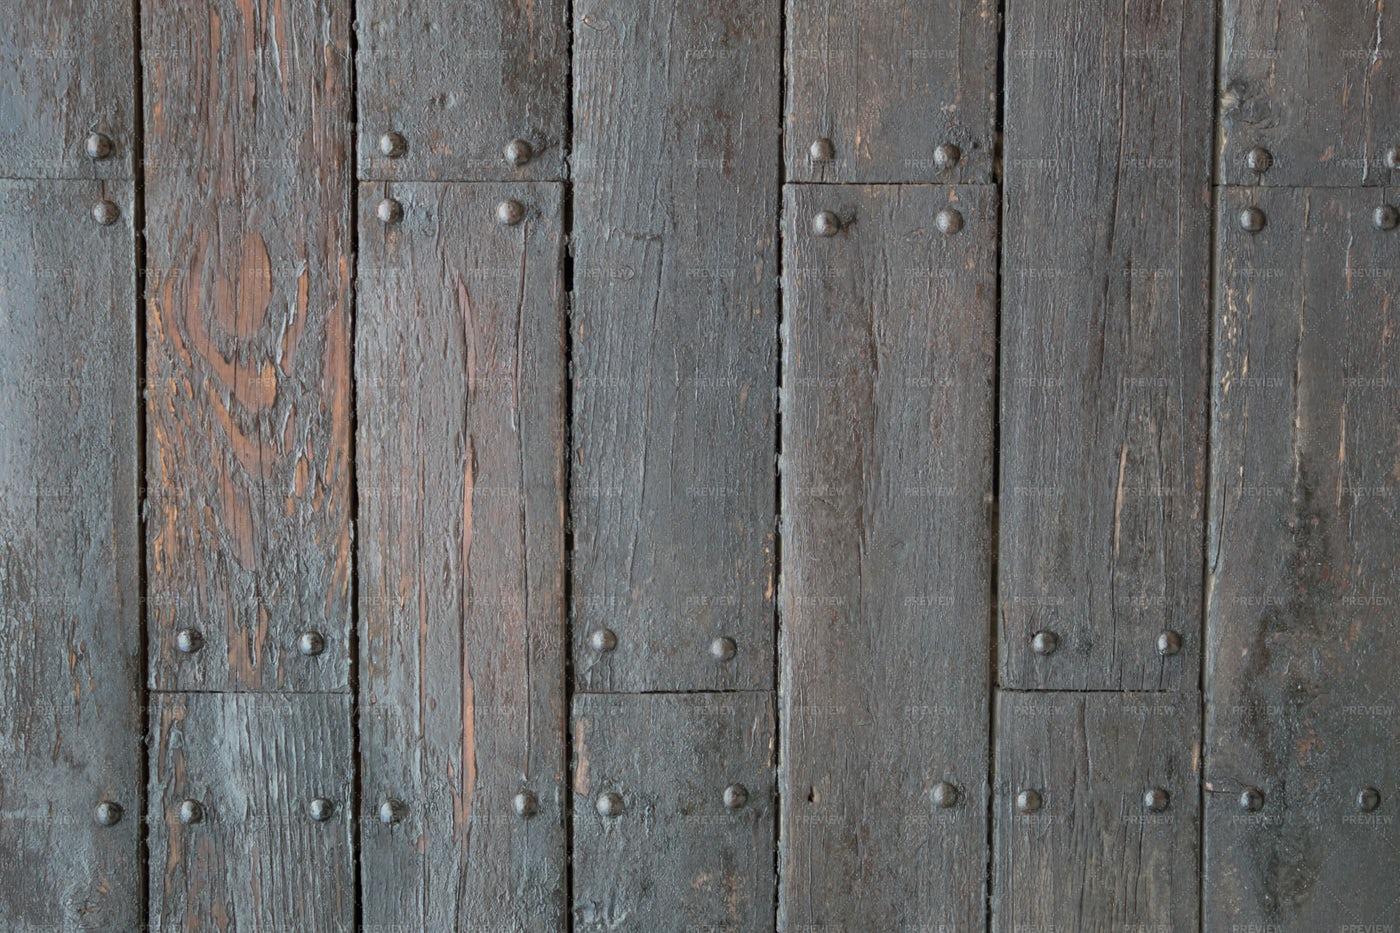 Dark Wooden Background: Stock Photos